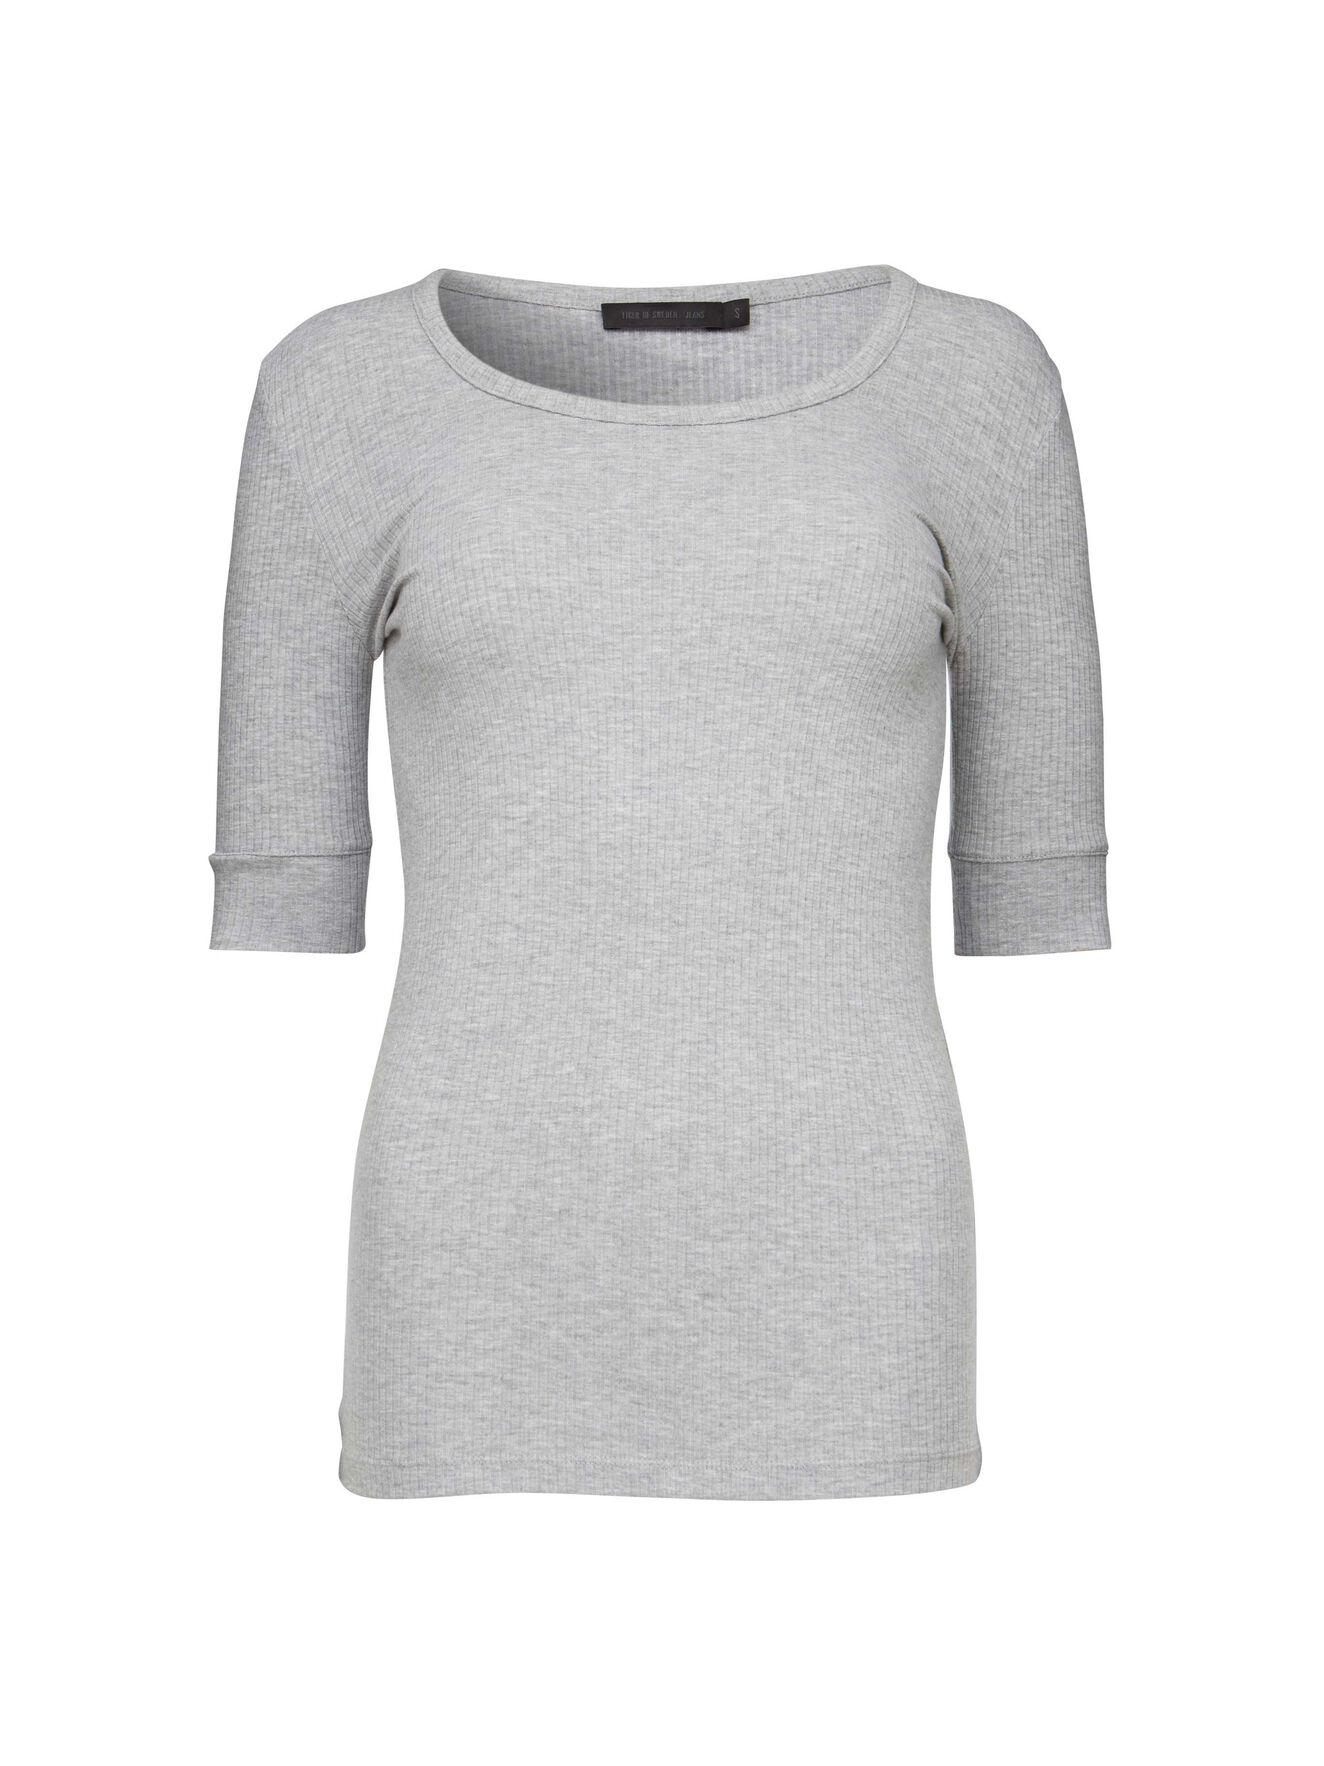 Violent T-Shirt in Med Grey Mel from Tiger of Sweden